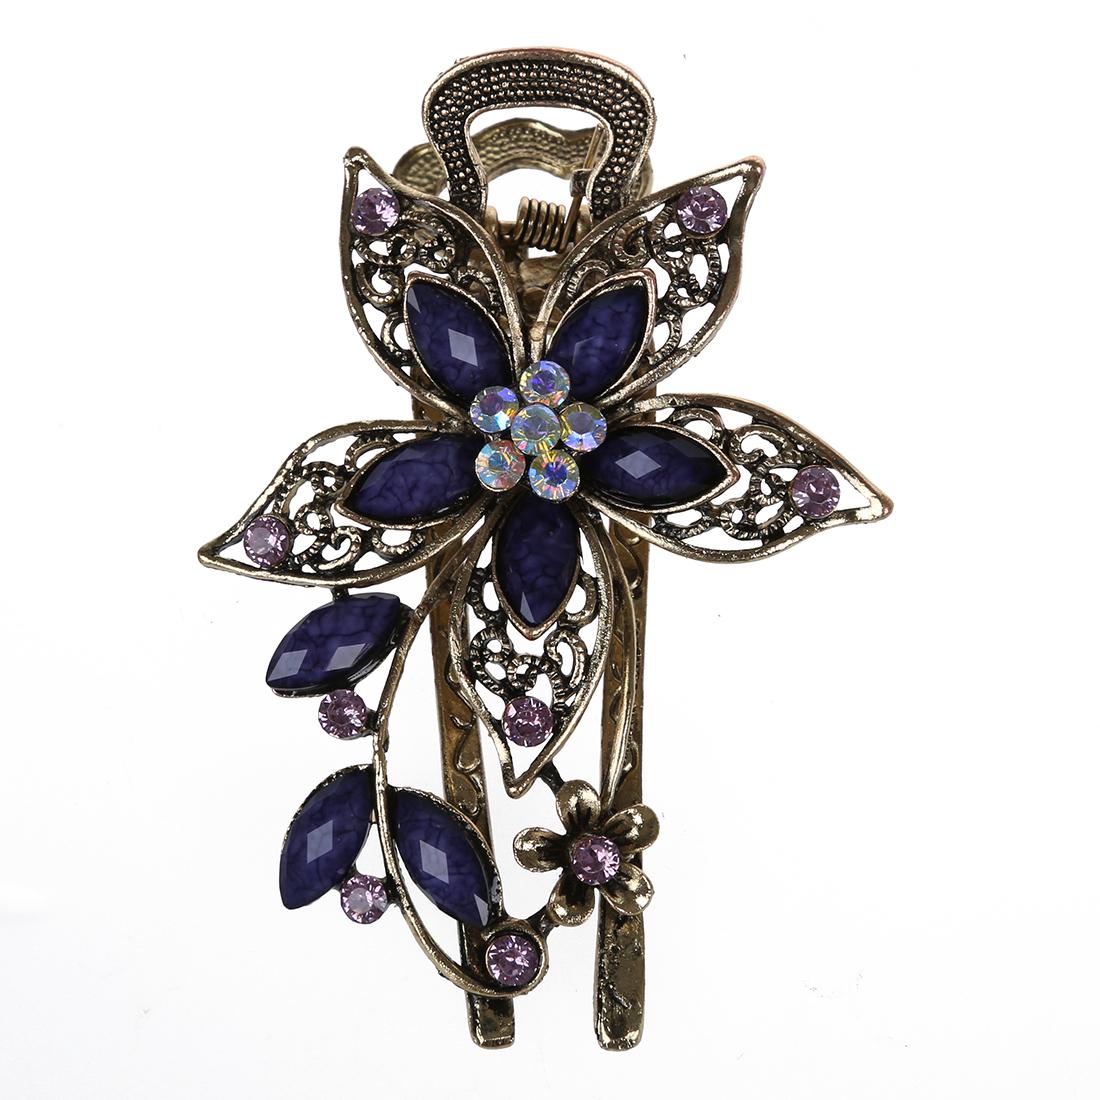 Bijoux Pour Cheveux Vintage : Belle bijoux vintage cristal barrettes des cheveux